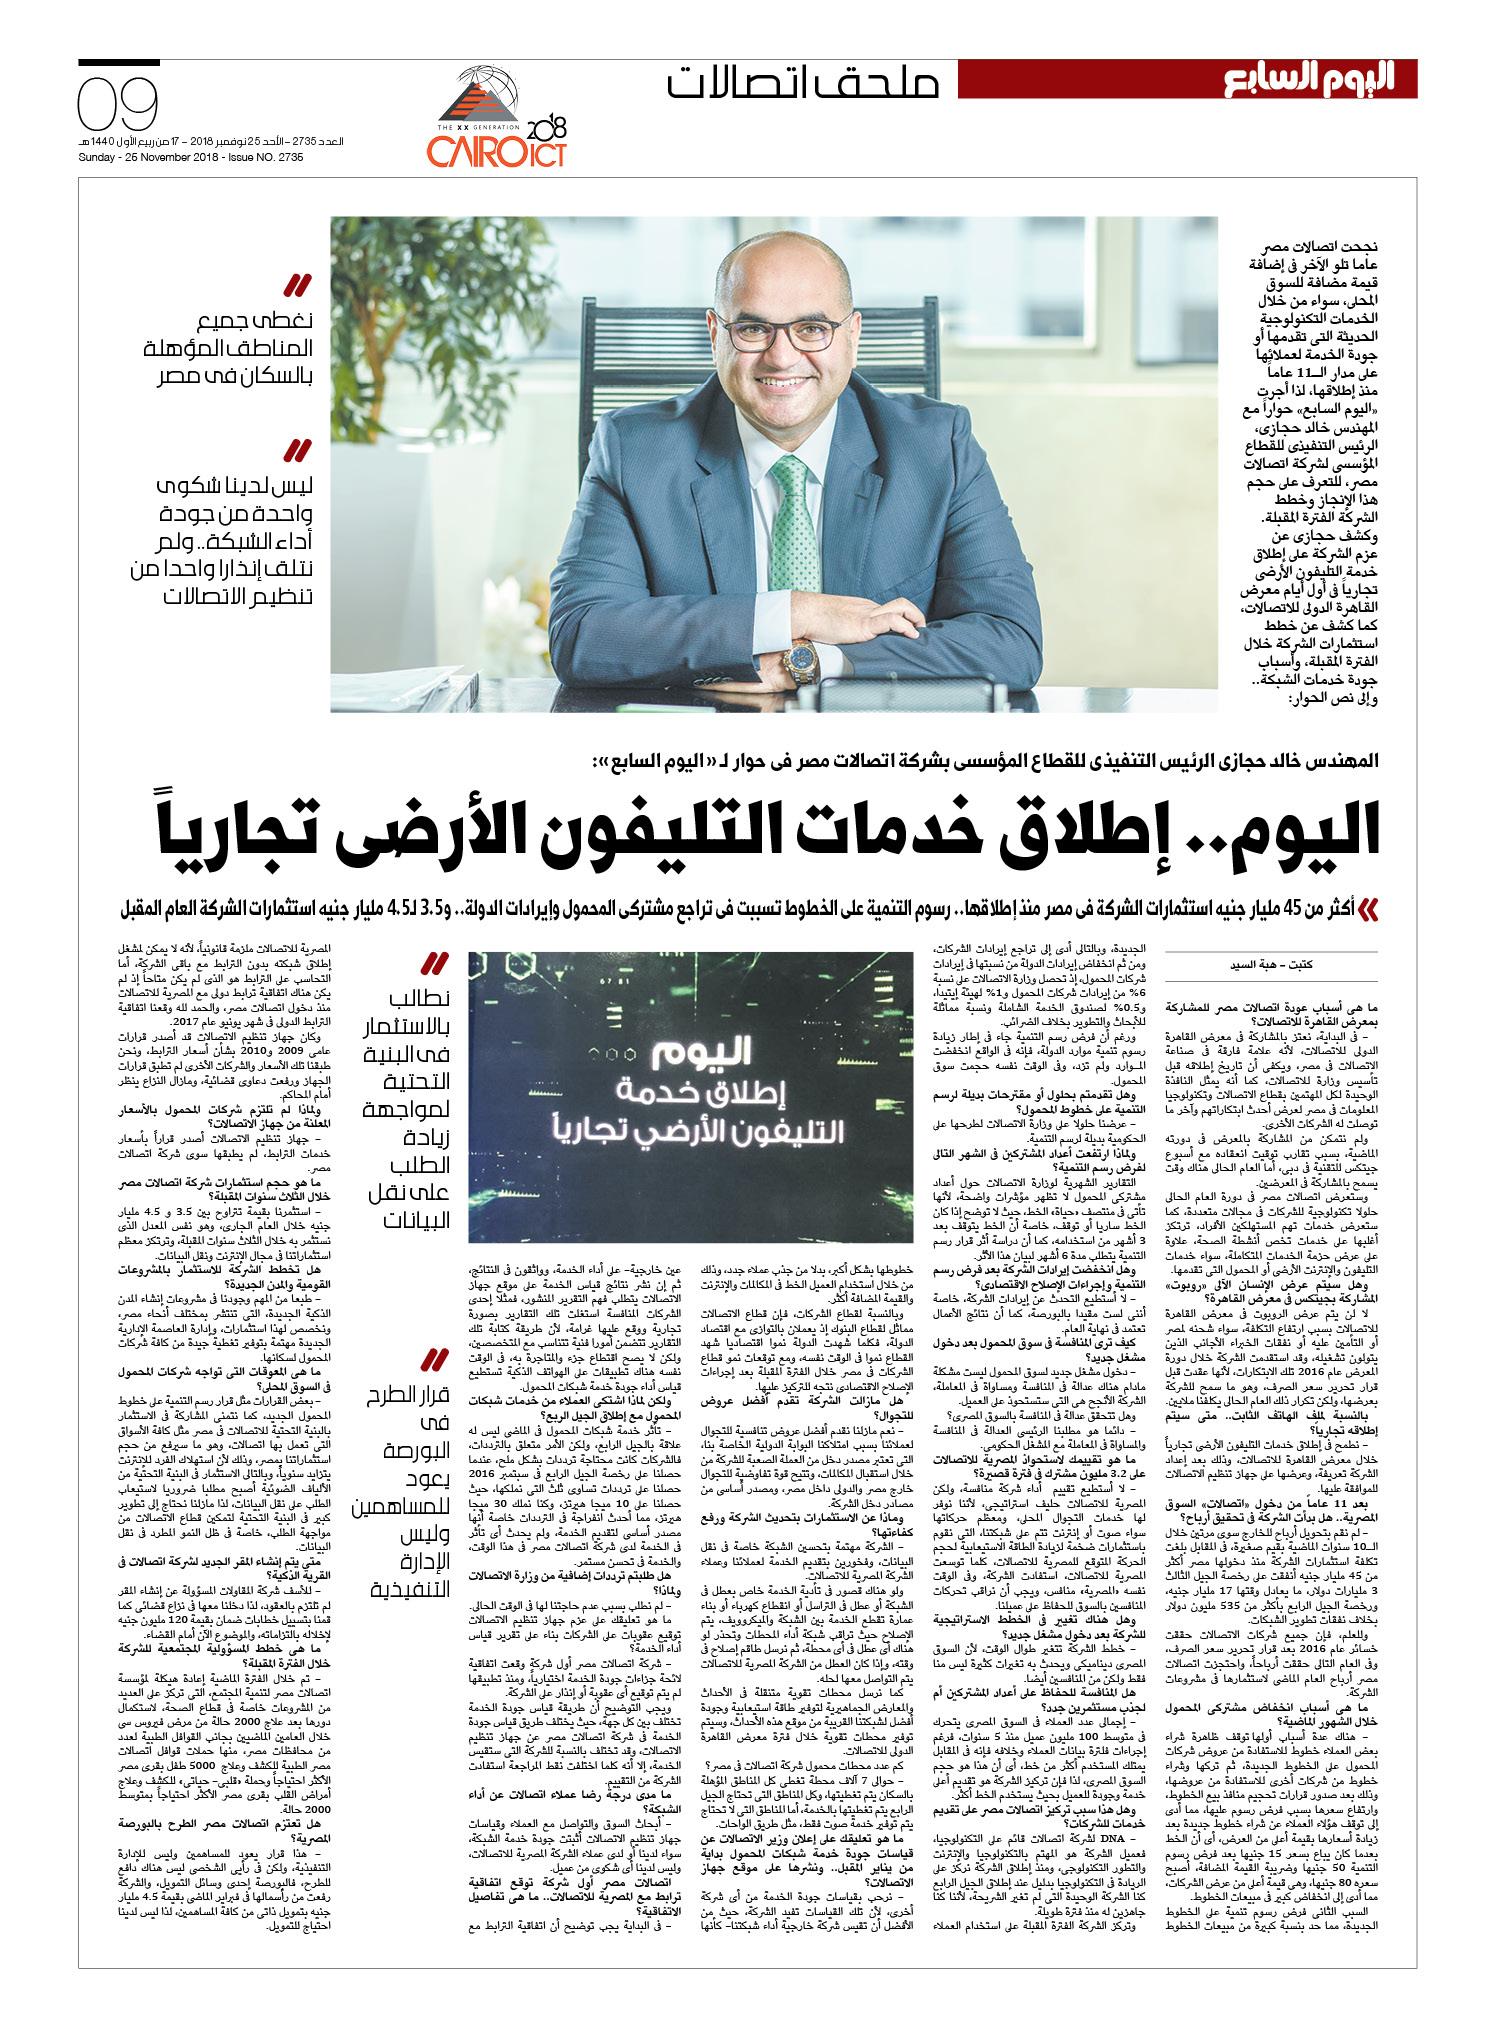 اليوم السابع يقدم أقوى ملحق اتصالات بمناسبة افتتاح معرض القاهرة